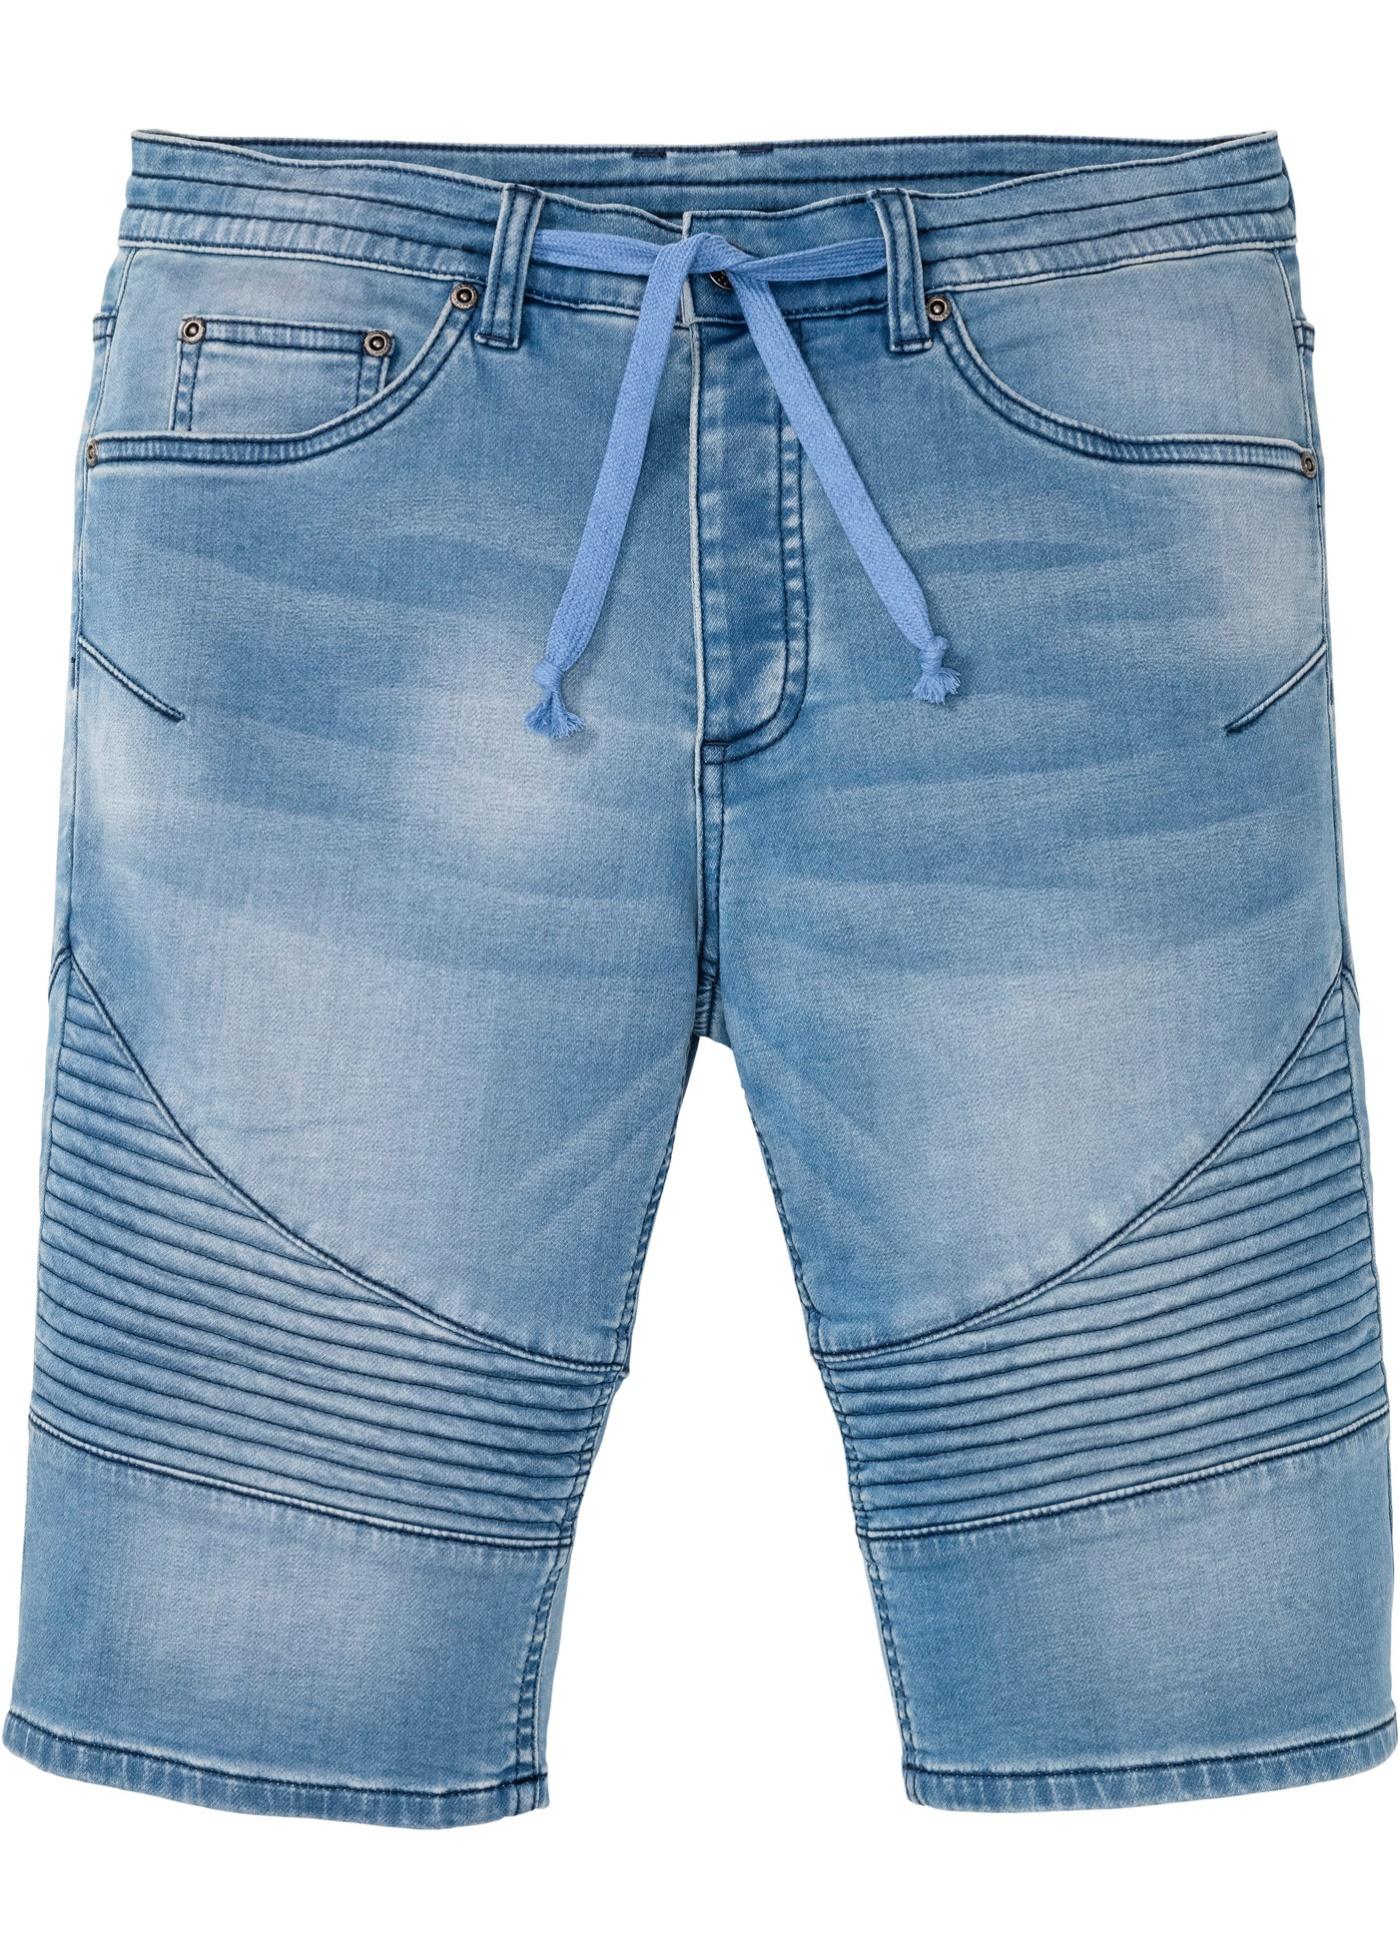 Regular Fit Sweatjeans-Bermuda in blau für Herren von bonprix